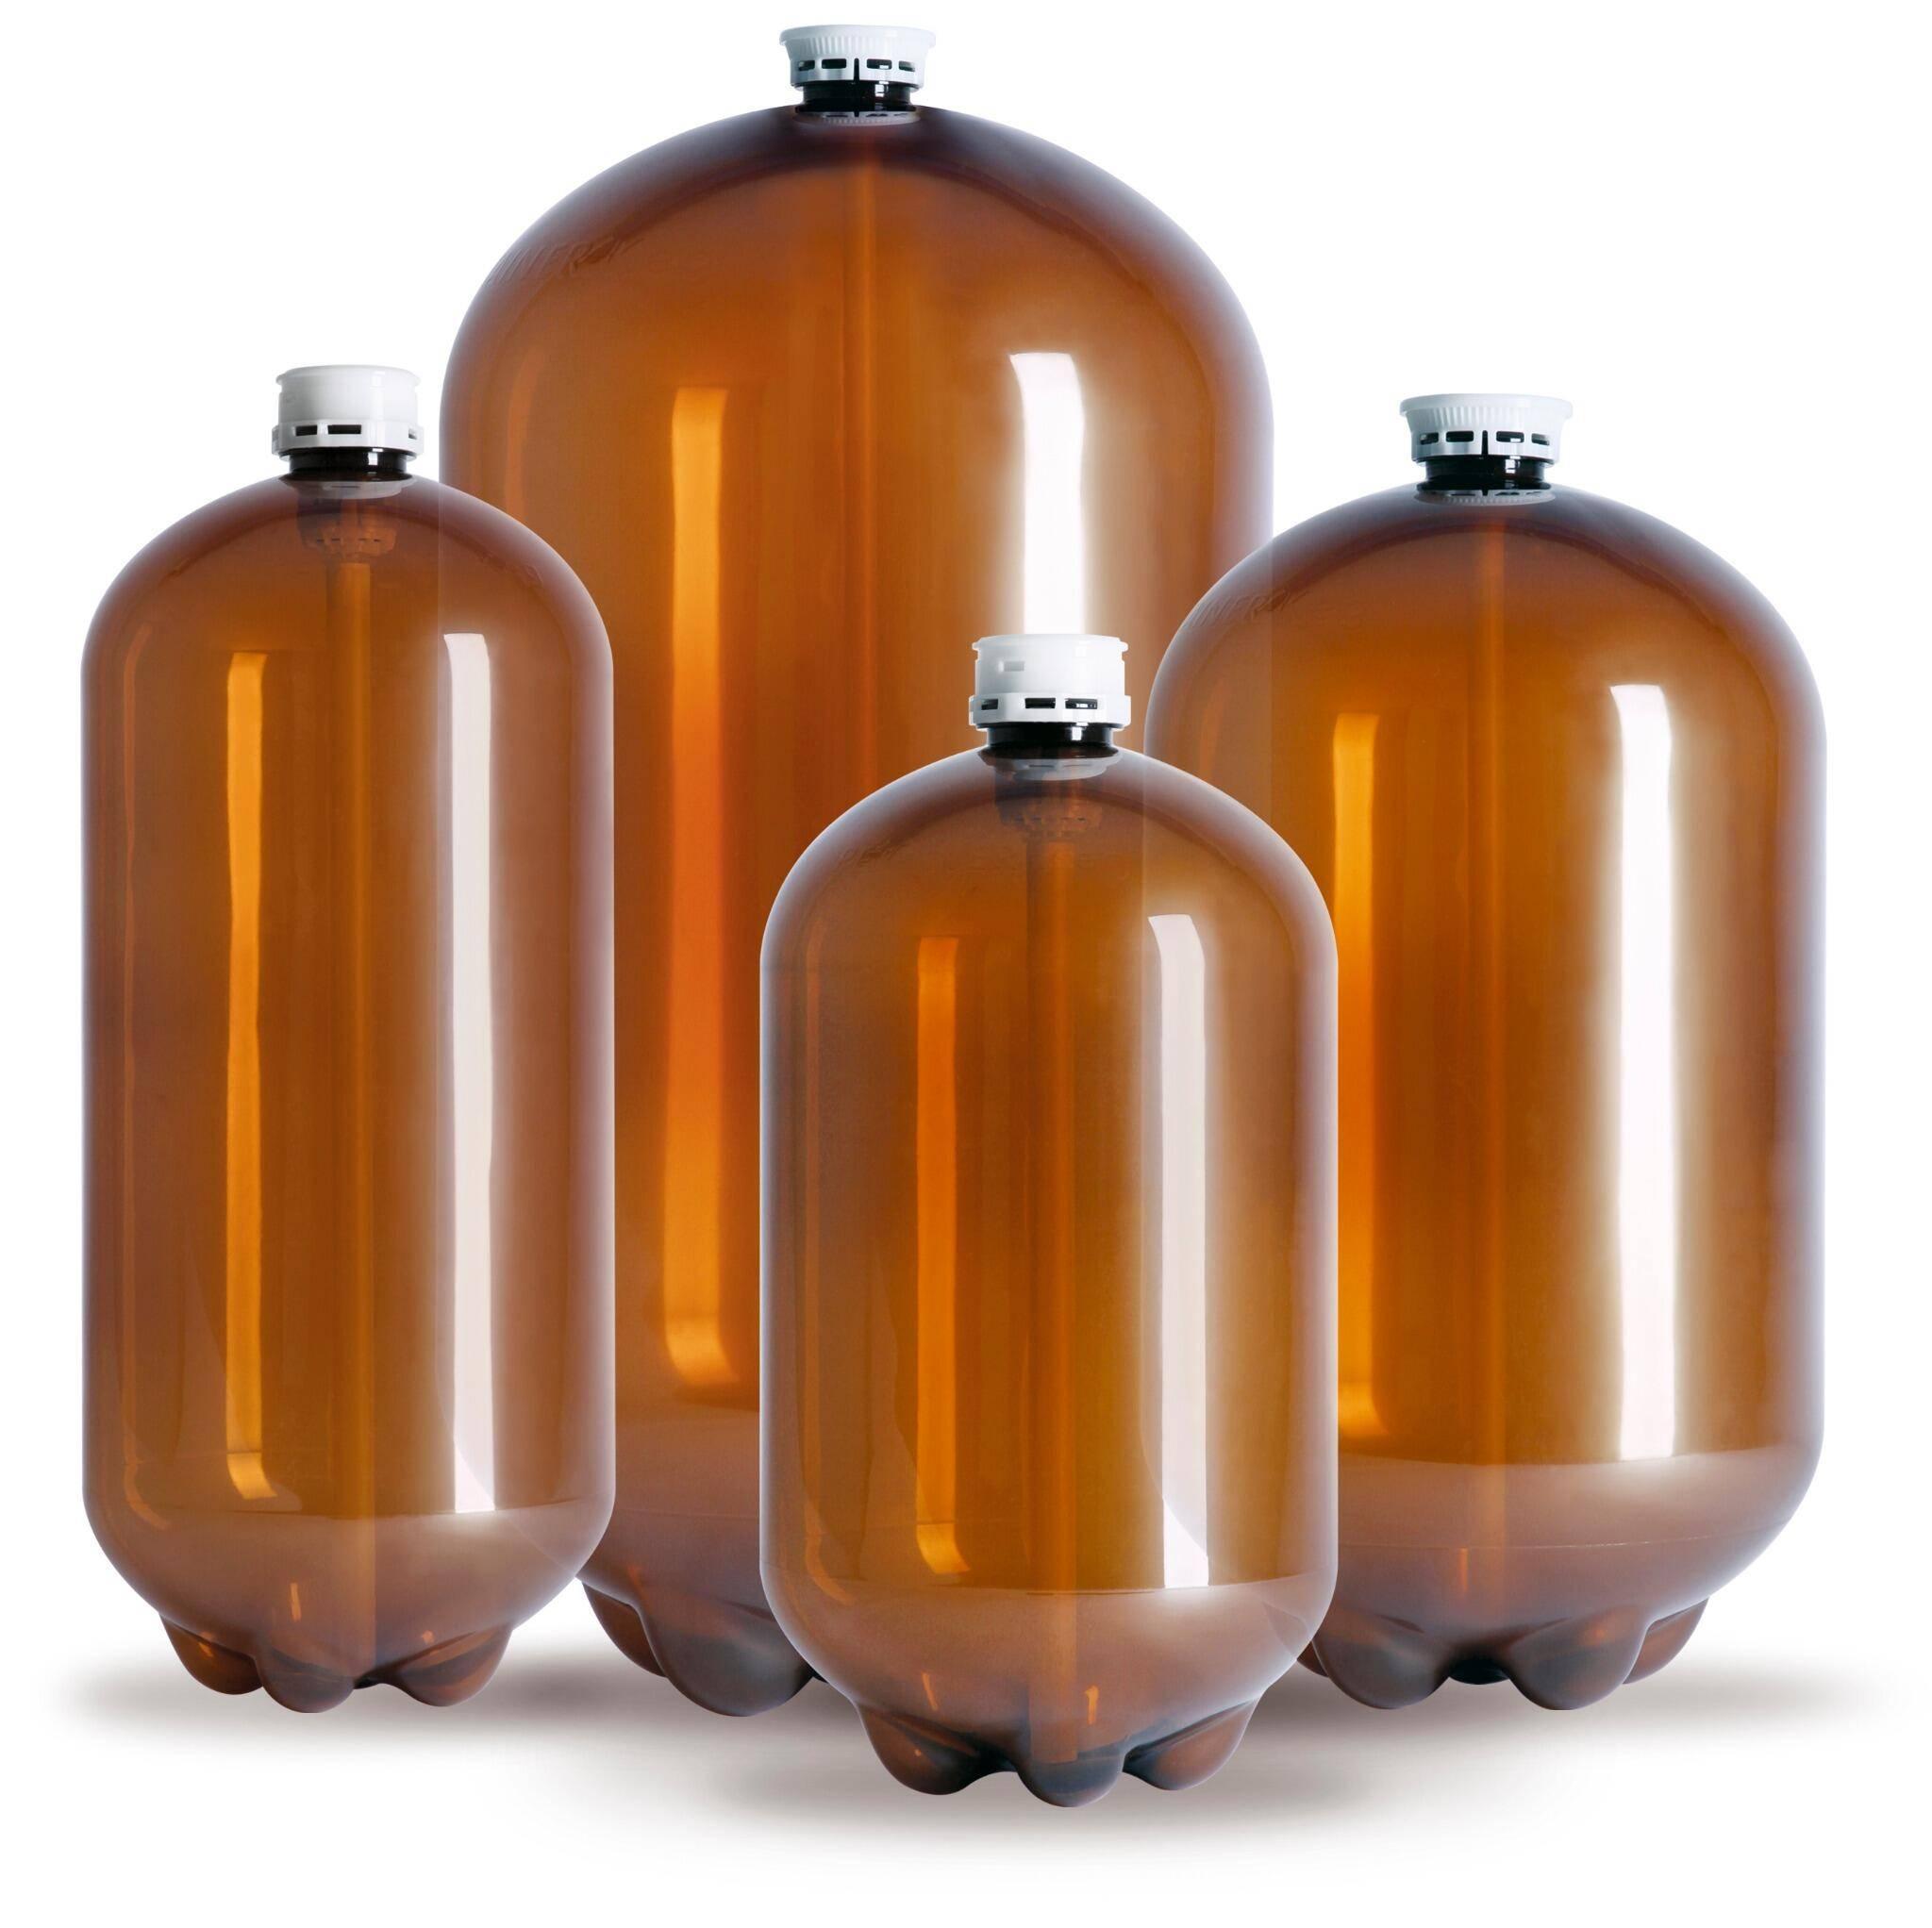 Сколько хранится разливное пиво в бутылке